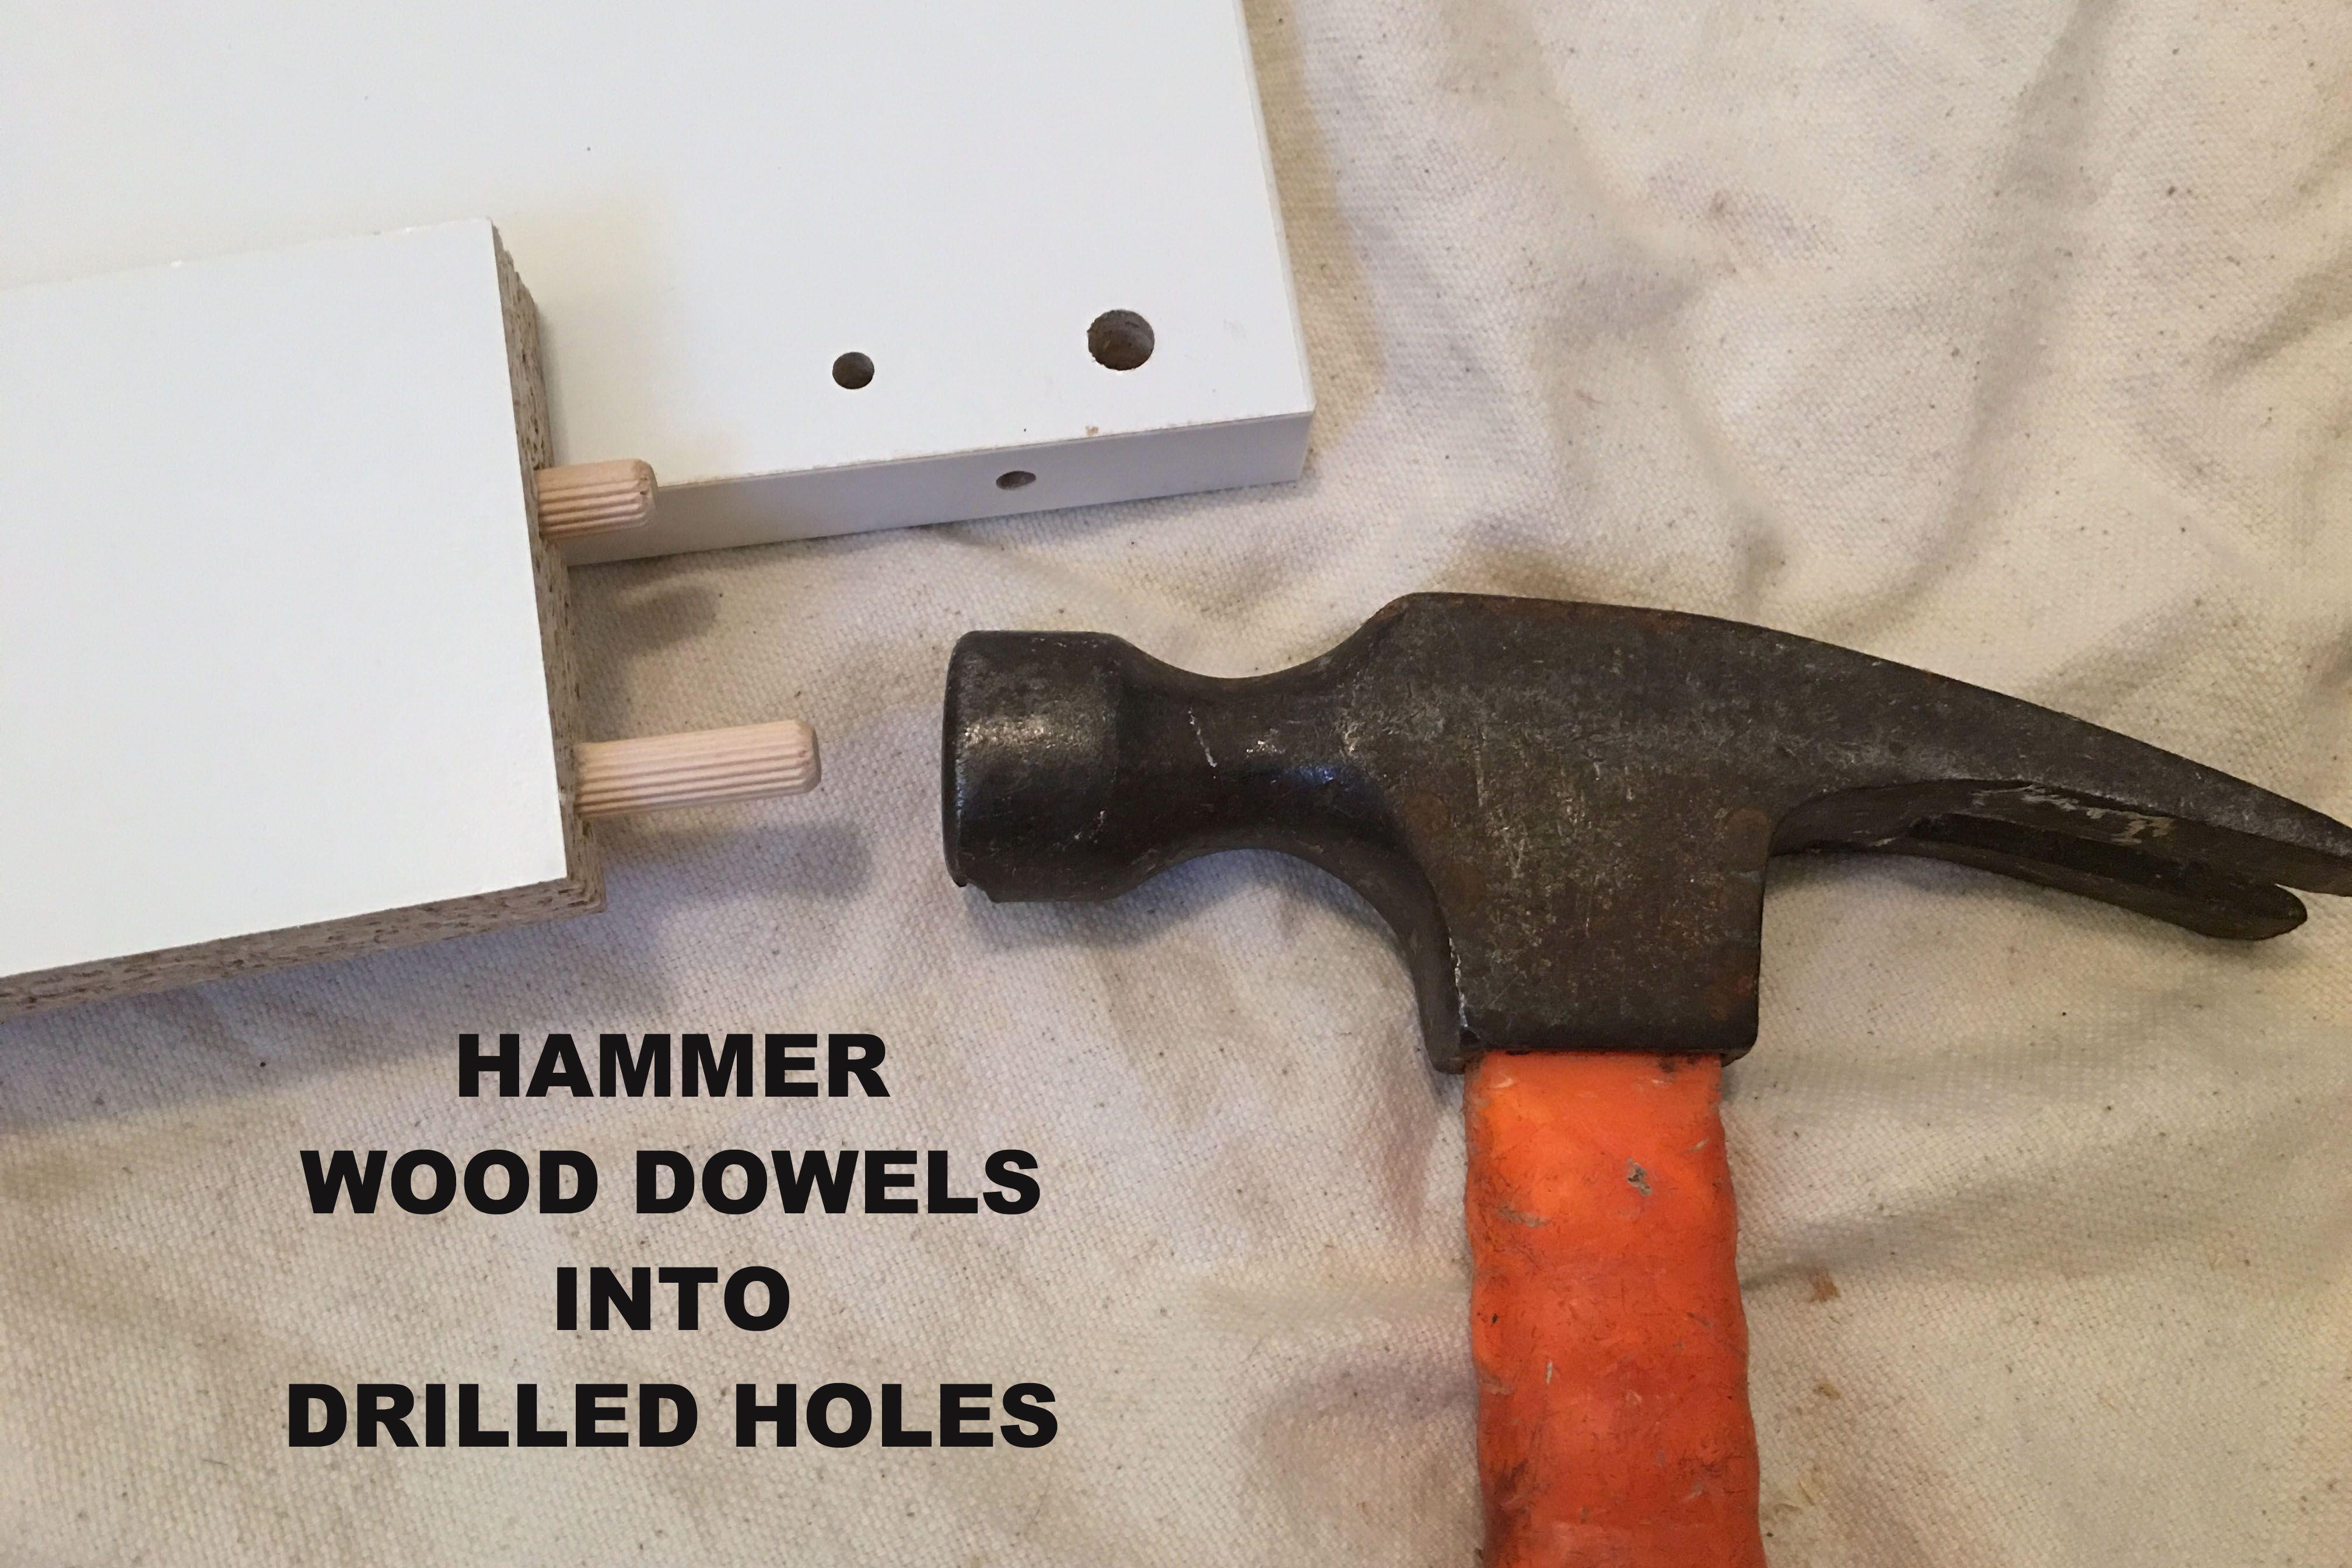 Hammer Wood Dowels